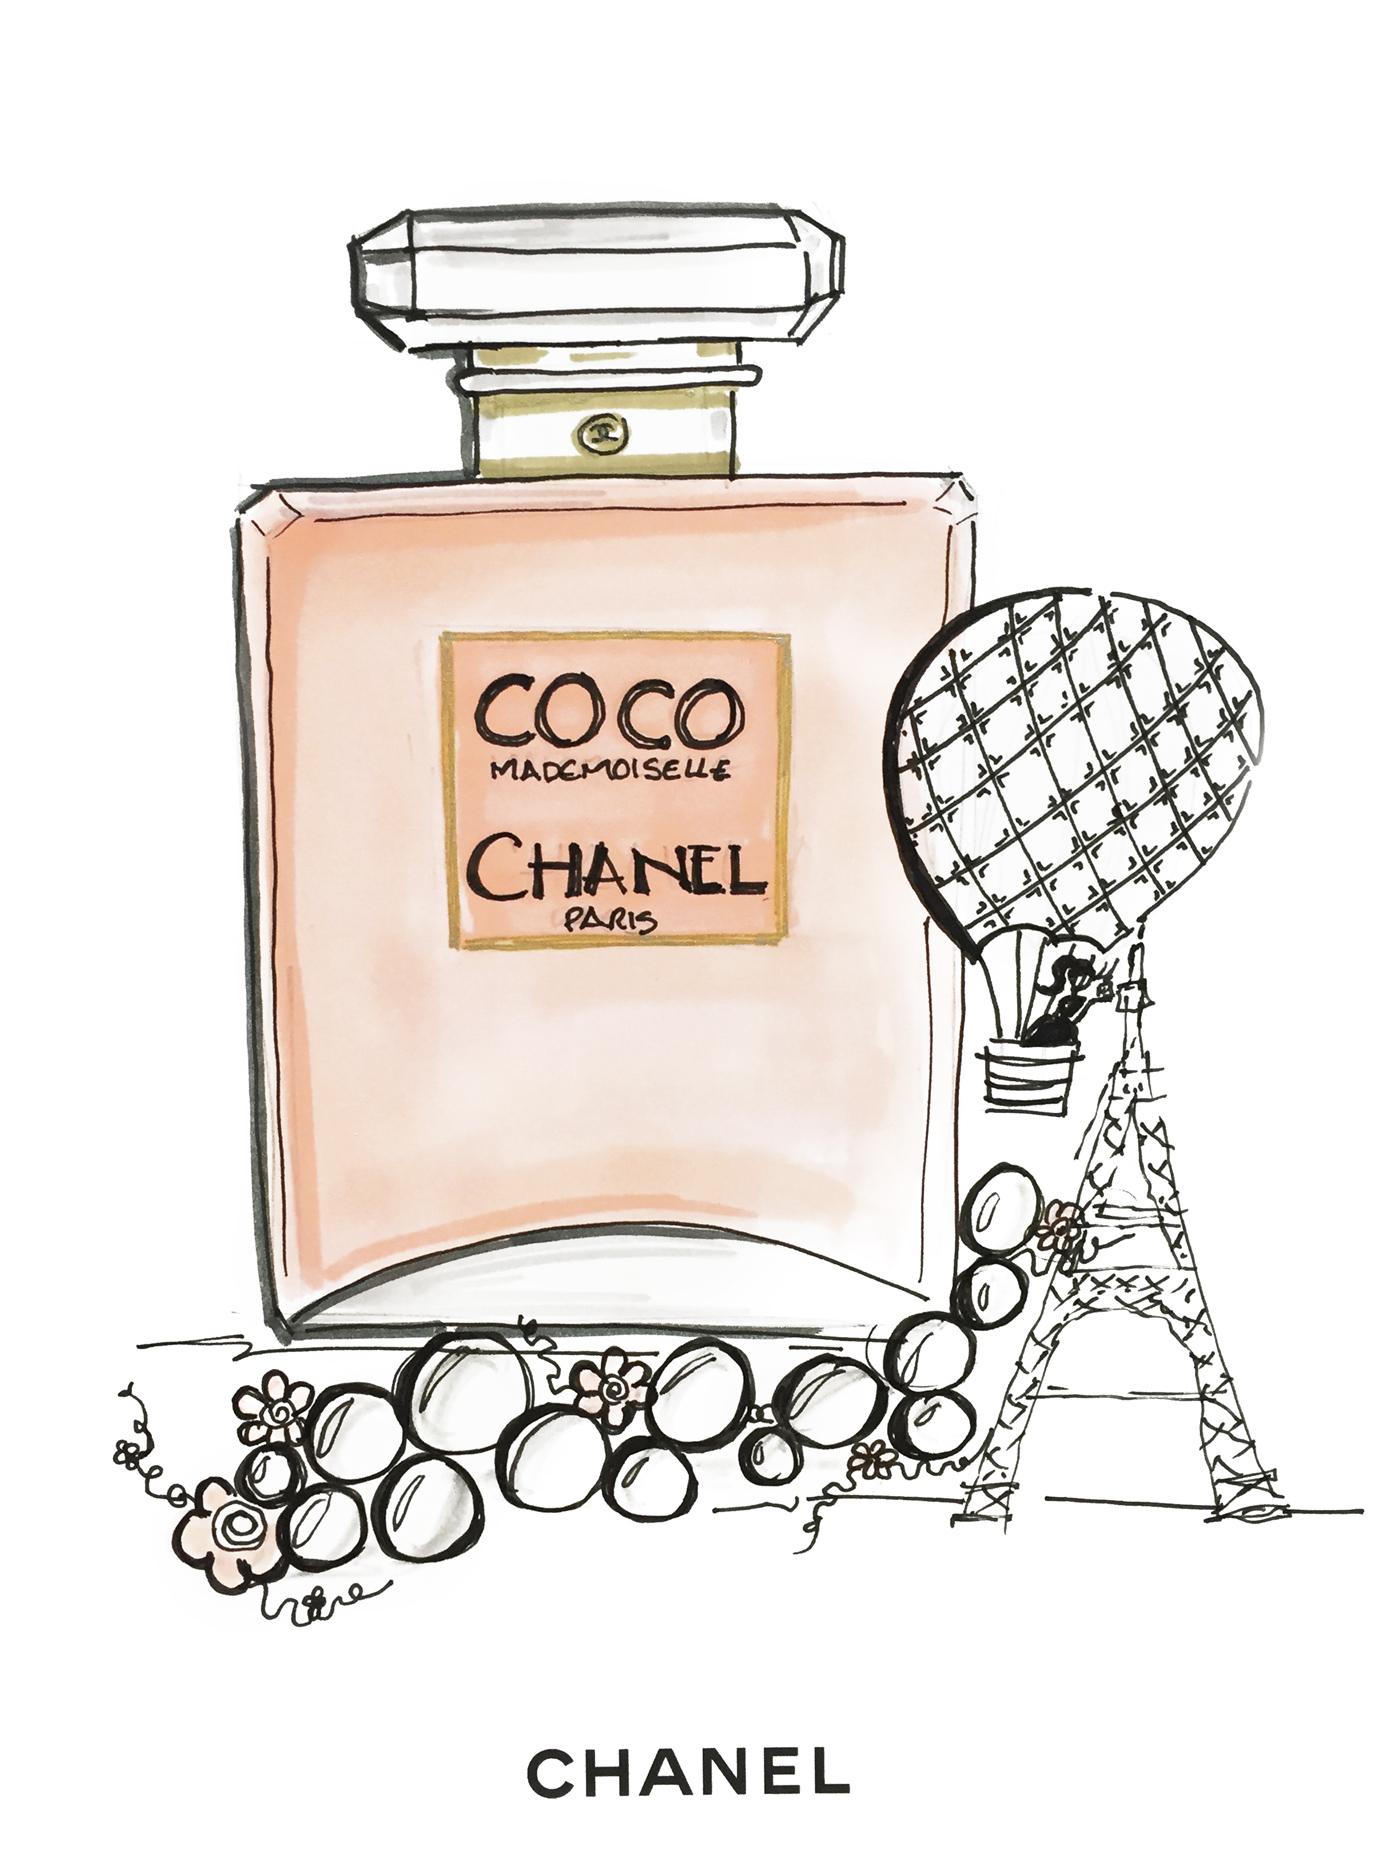 TAOS-Chanel-Saks-drawing